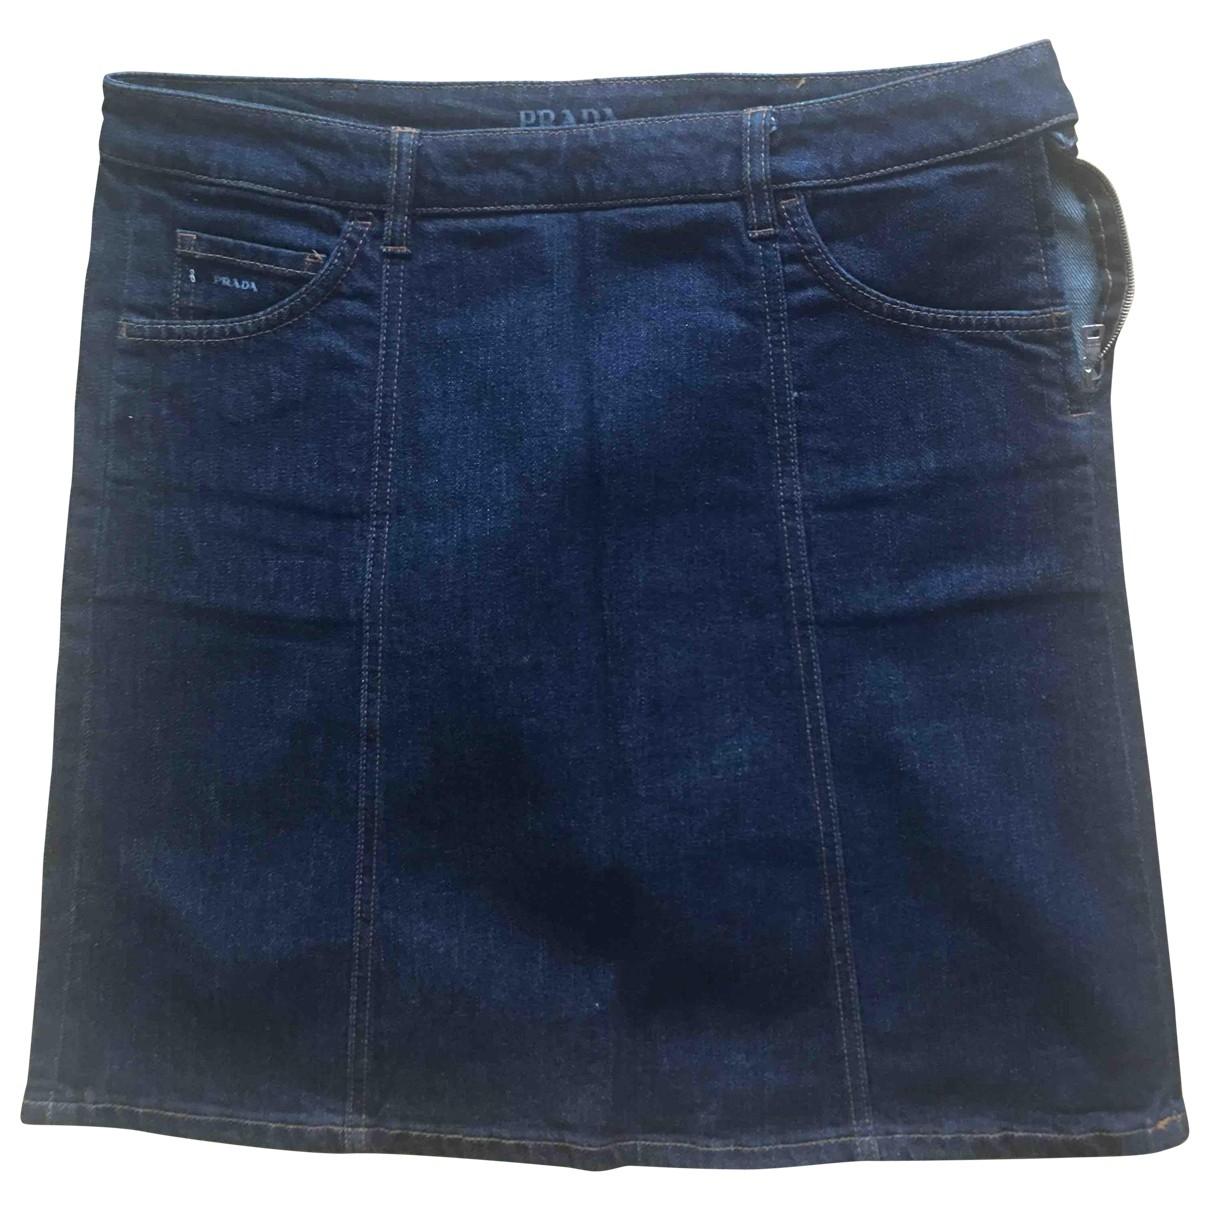 Prada \N Blue Denim - Jeans skirt for Women 42 IT